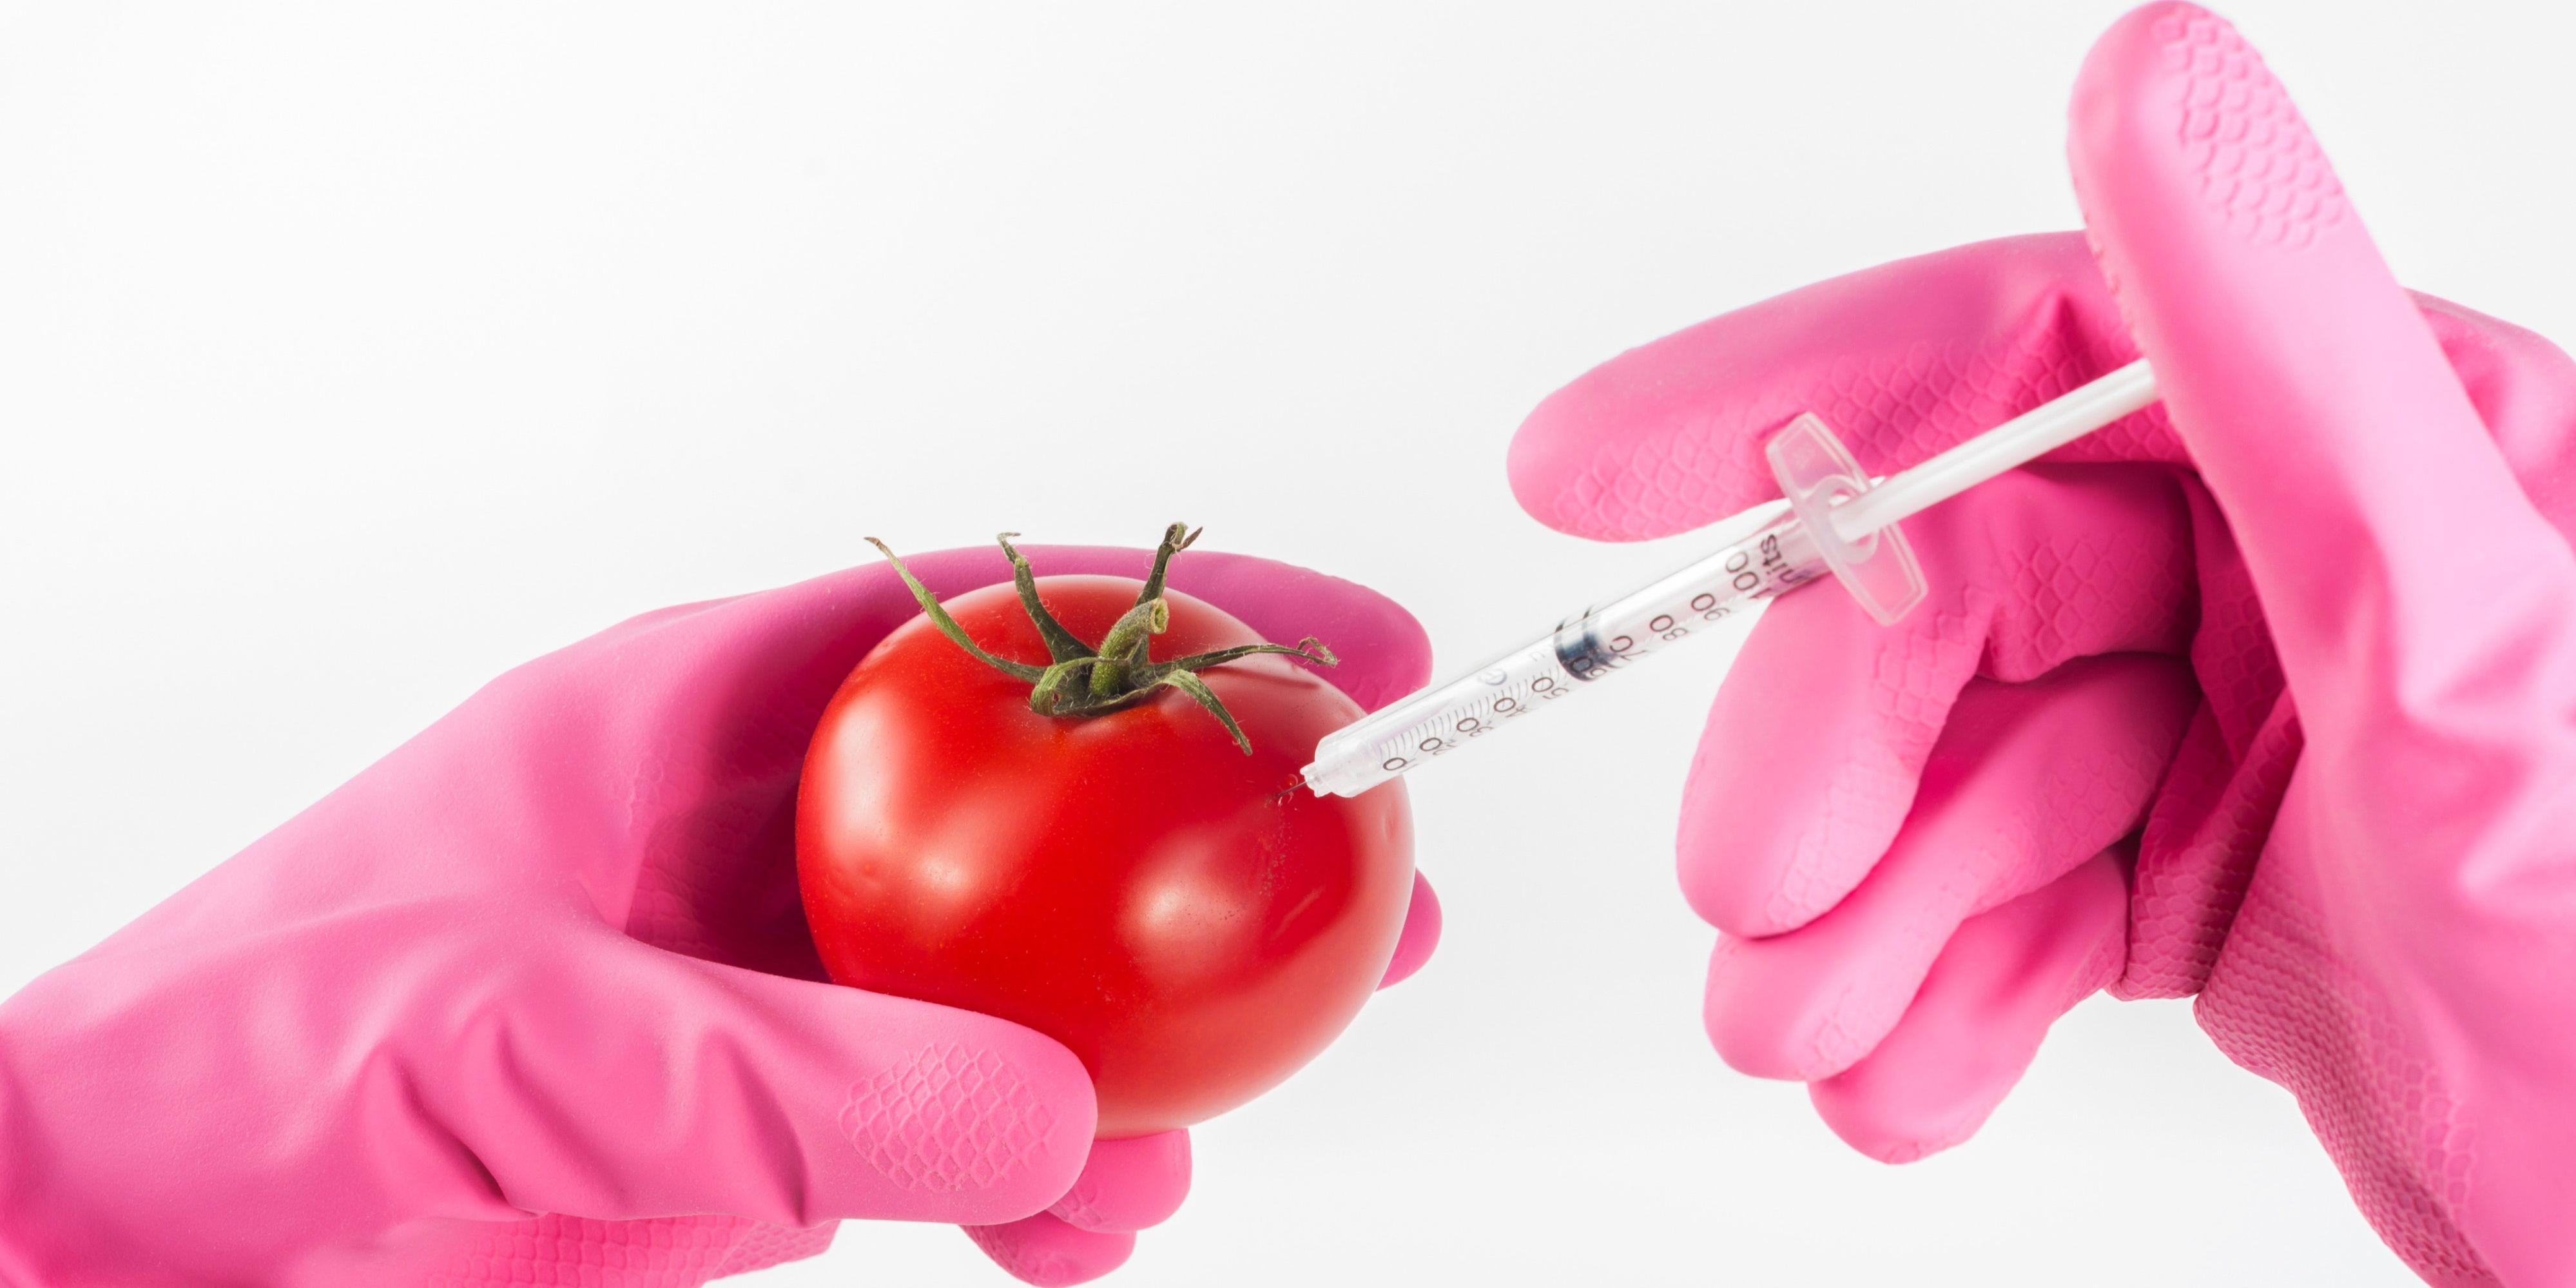 Progetto educativo per la scuola primaria e secondaria con approfondimento su tematiche relative al mondo della chimica nell'alimentazione